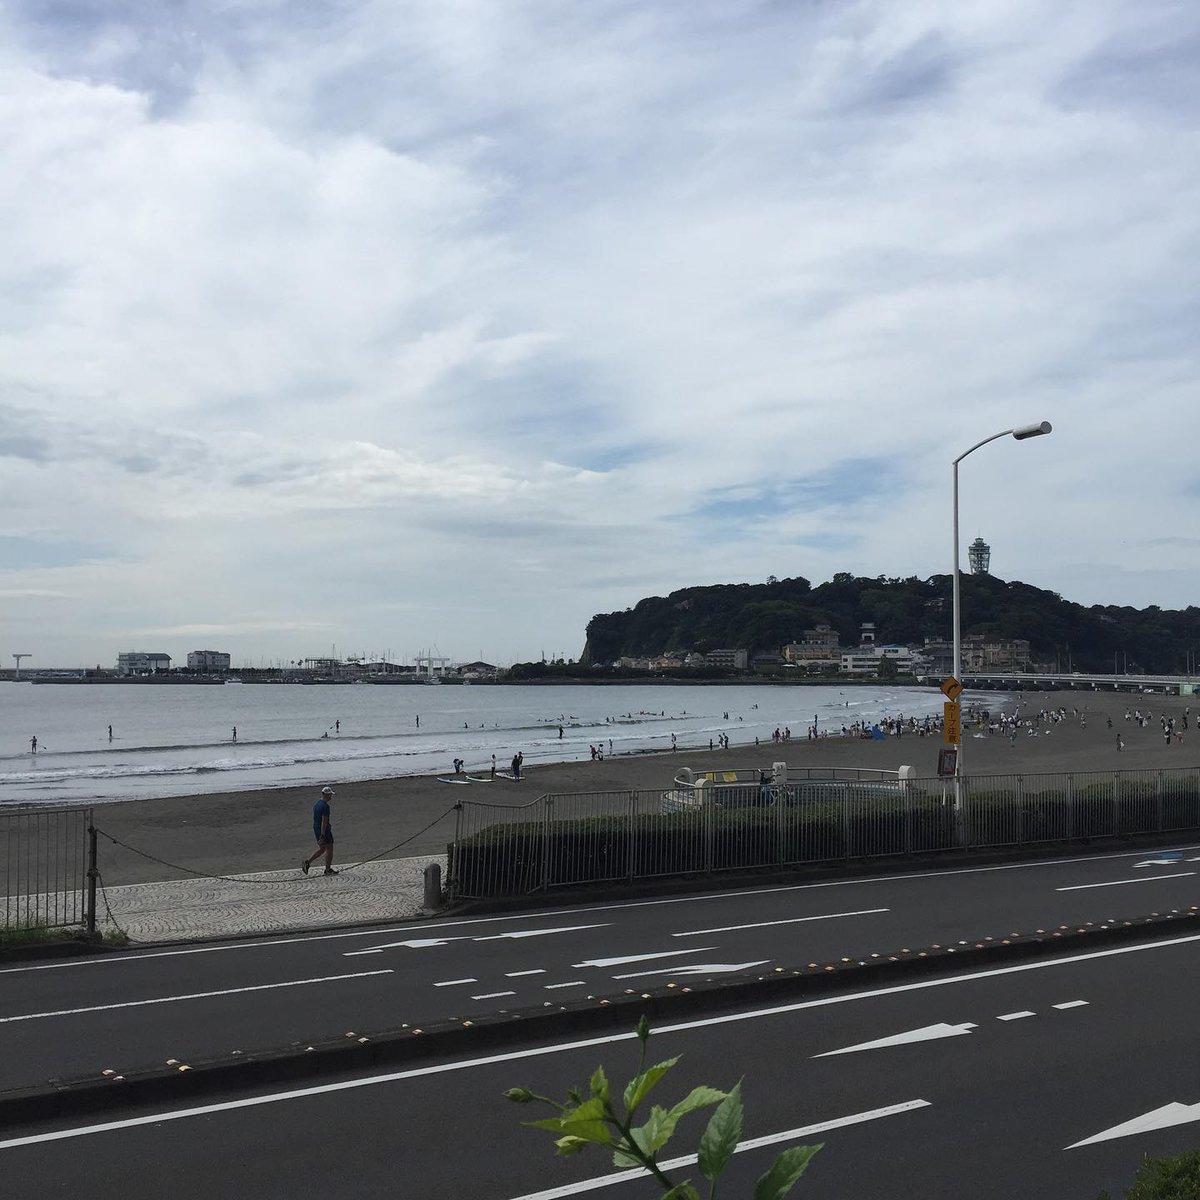 4連休が始まりました😆 マリンスポーツをしに是非 江ノ島にどうぞ〜!⛵️🏄♂️🤽♀️☀️ #江ノ島 #湘南 #海沿い #seaside #beach #sea #skylover #skyphotography https://t.co/trvC6mpwvg